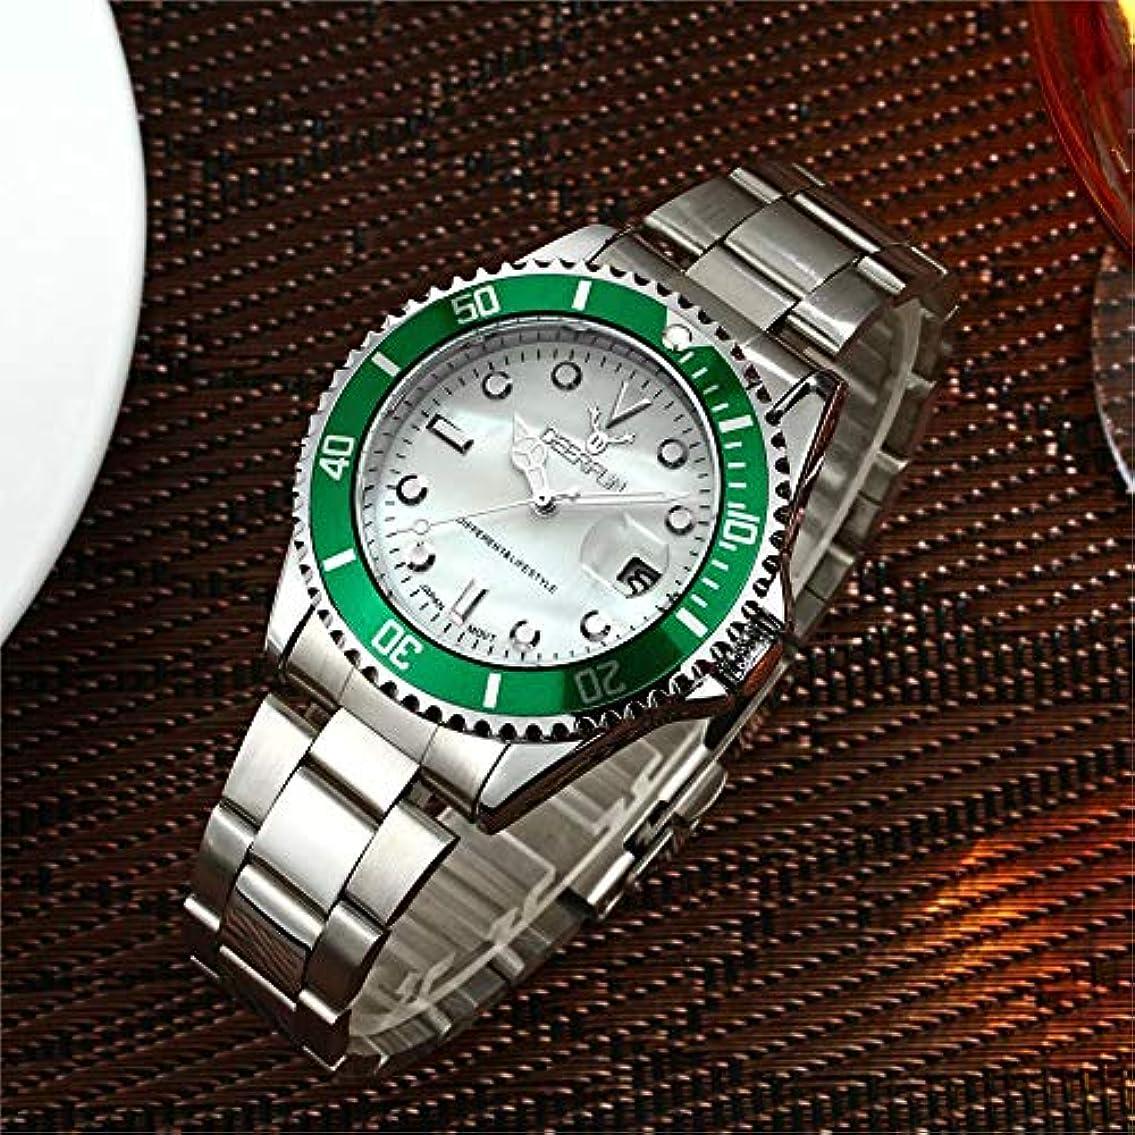 意外リベラルクリーム防水腕時計メンズ高級ブランドカジュアルステンレススチールスポーツ腕時計クォーツ腕時計メンズ腕時計 (H)